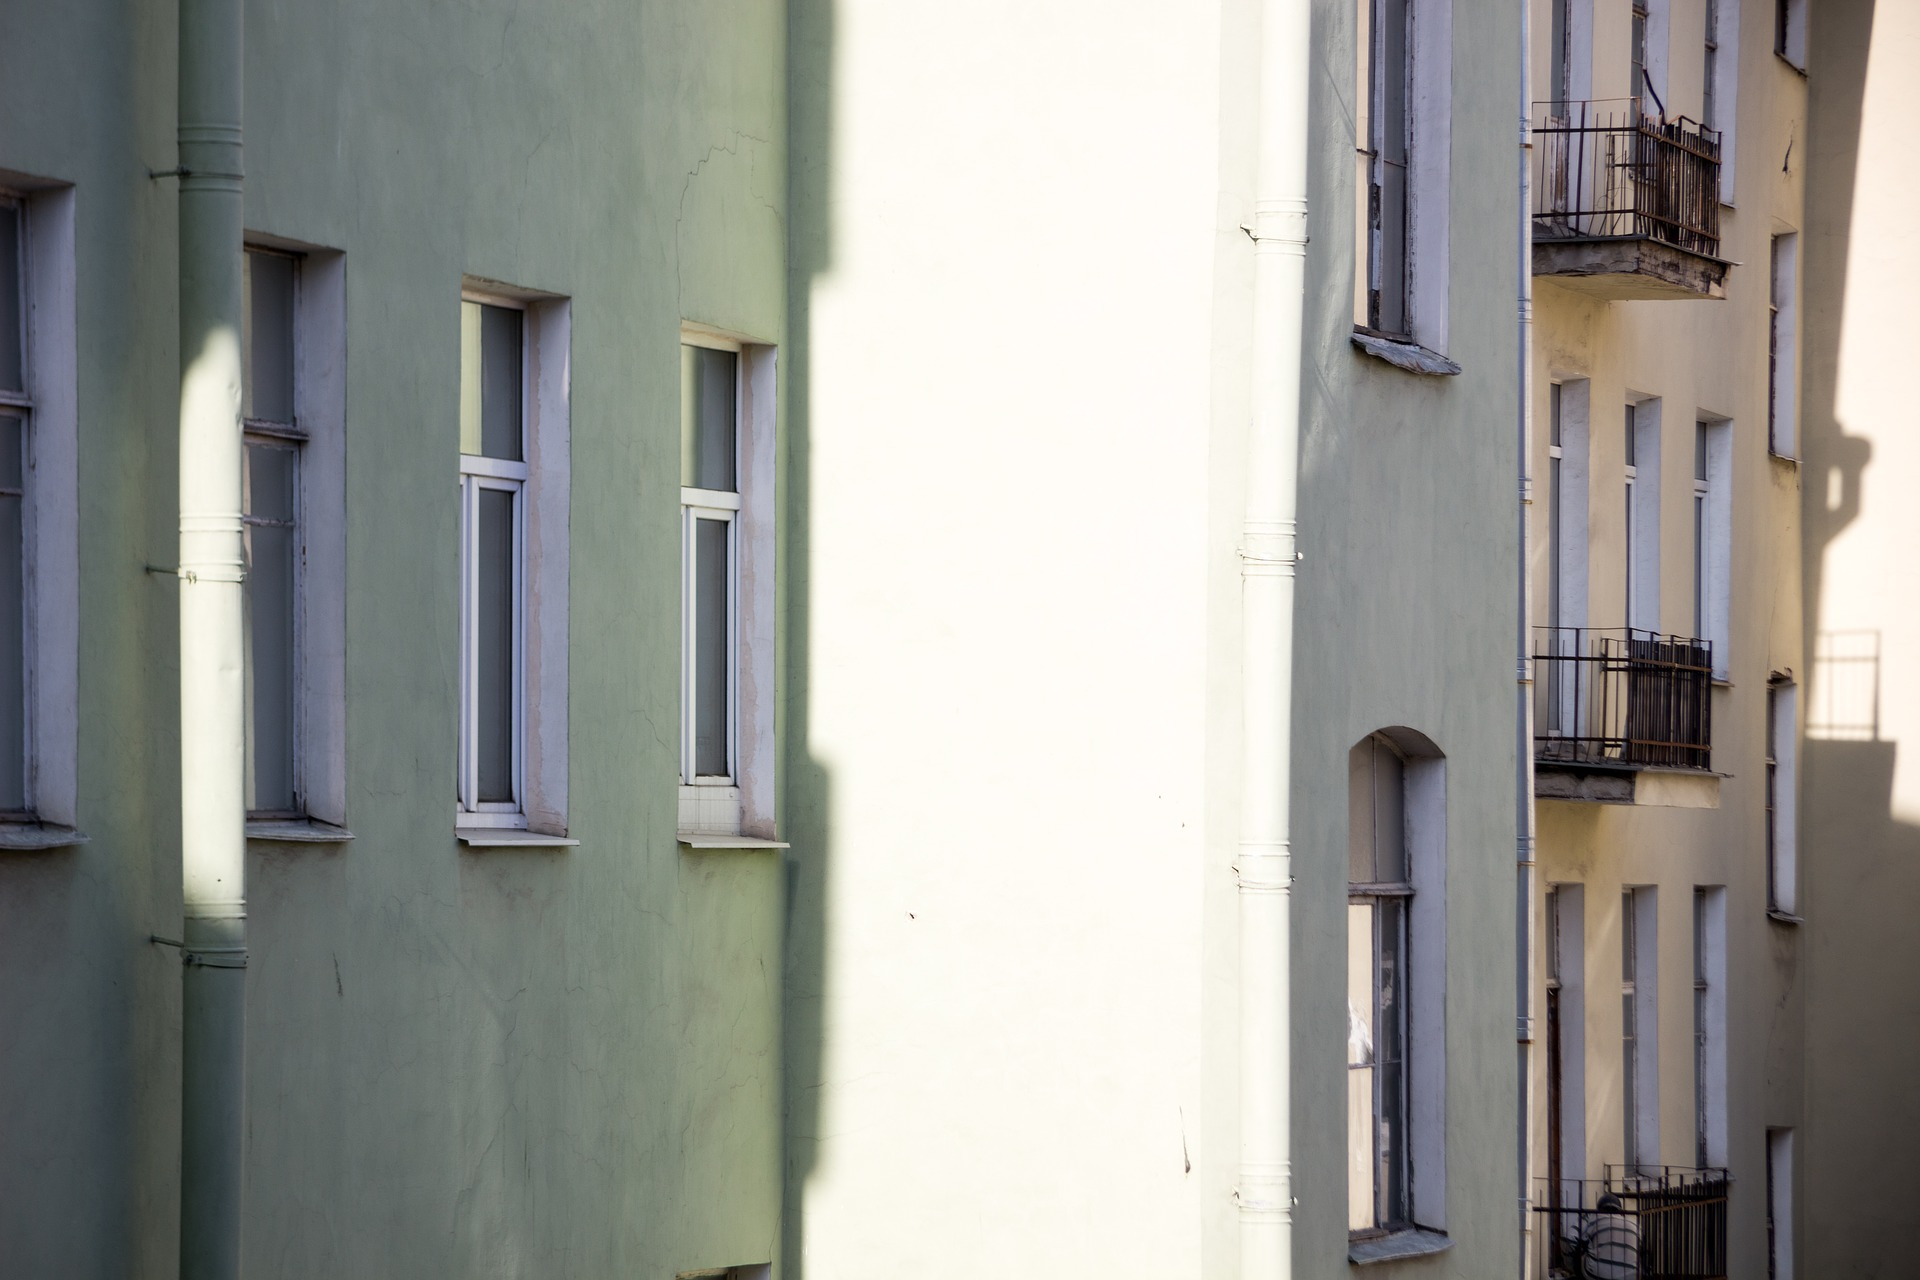 Bostadshus med putsade väggar